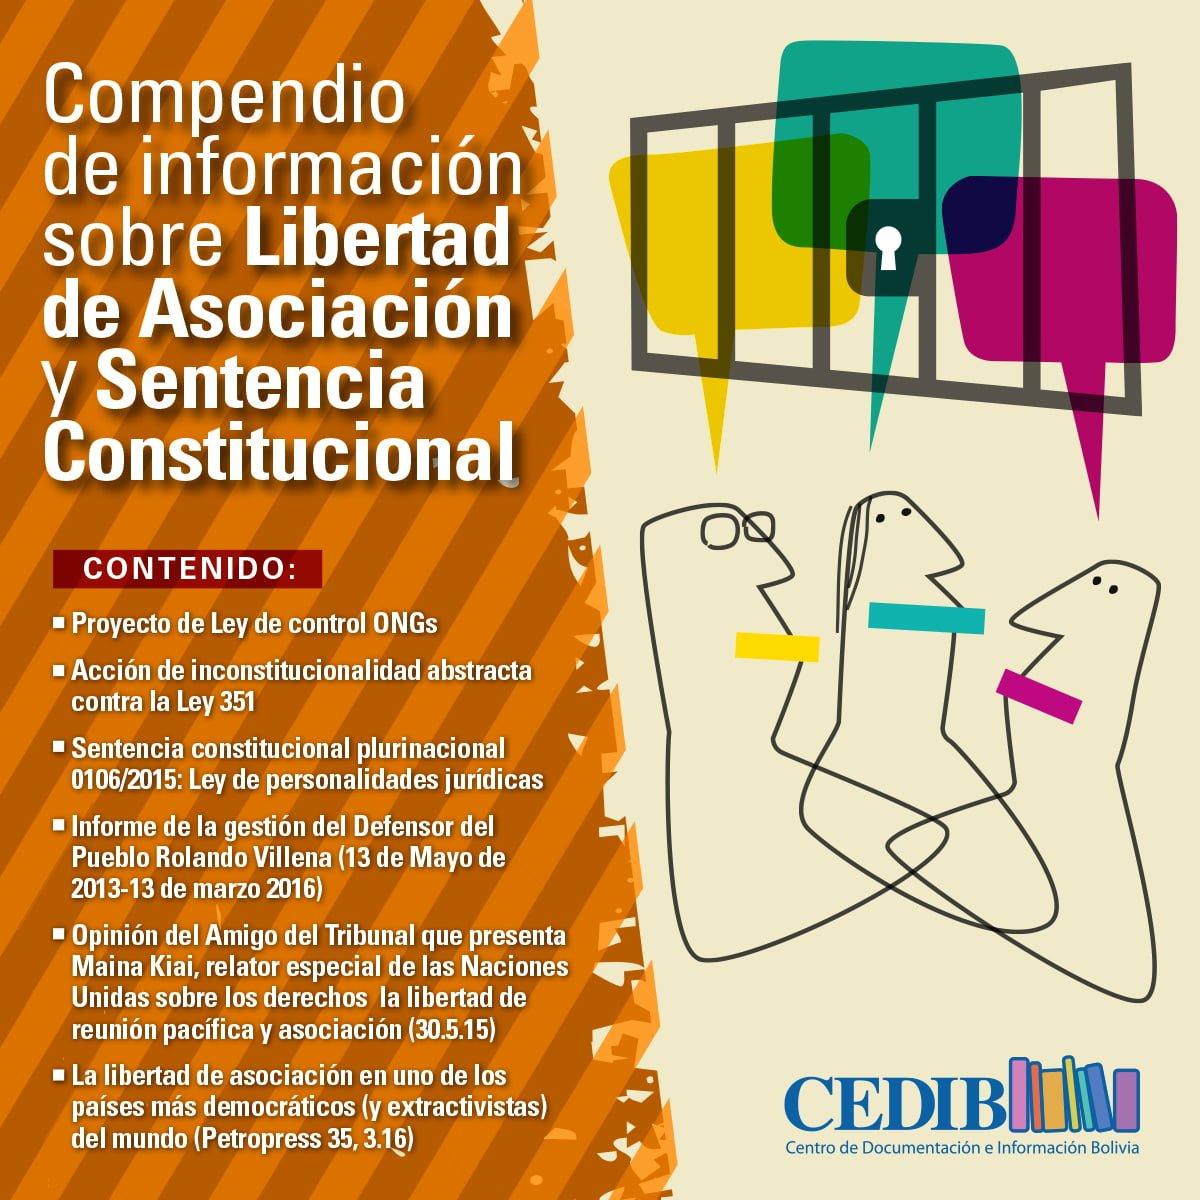 Compendio de información sobre Libertad de Asociación